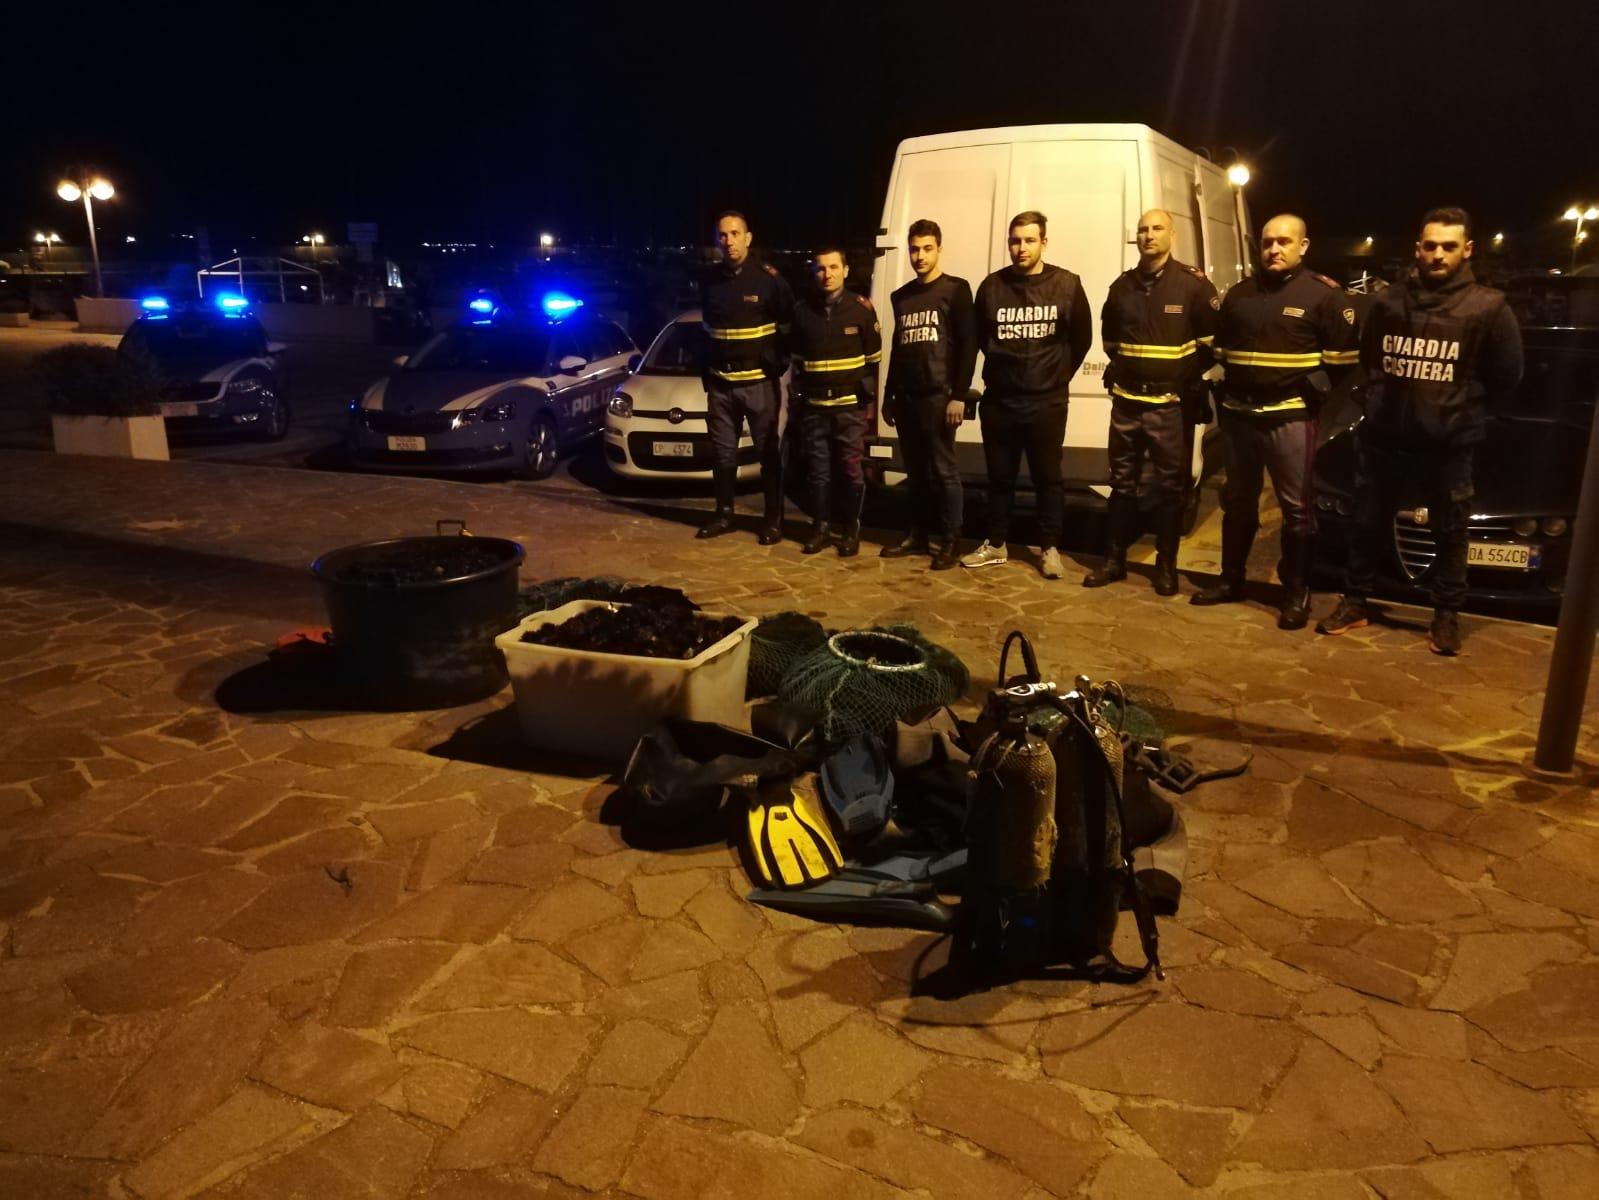 Inseguimento in autostrada: la Guardia Costiera di Civitavecchia e la Polizia Stradale mettono a segno un maxi sequestro di ricci di mare